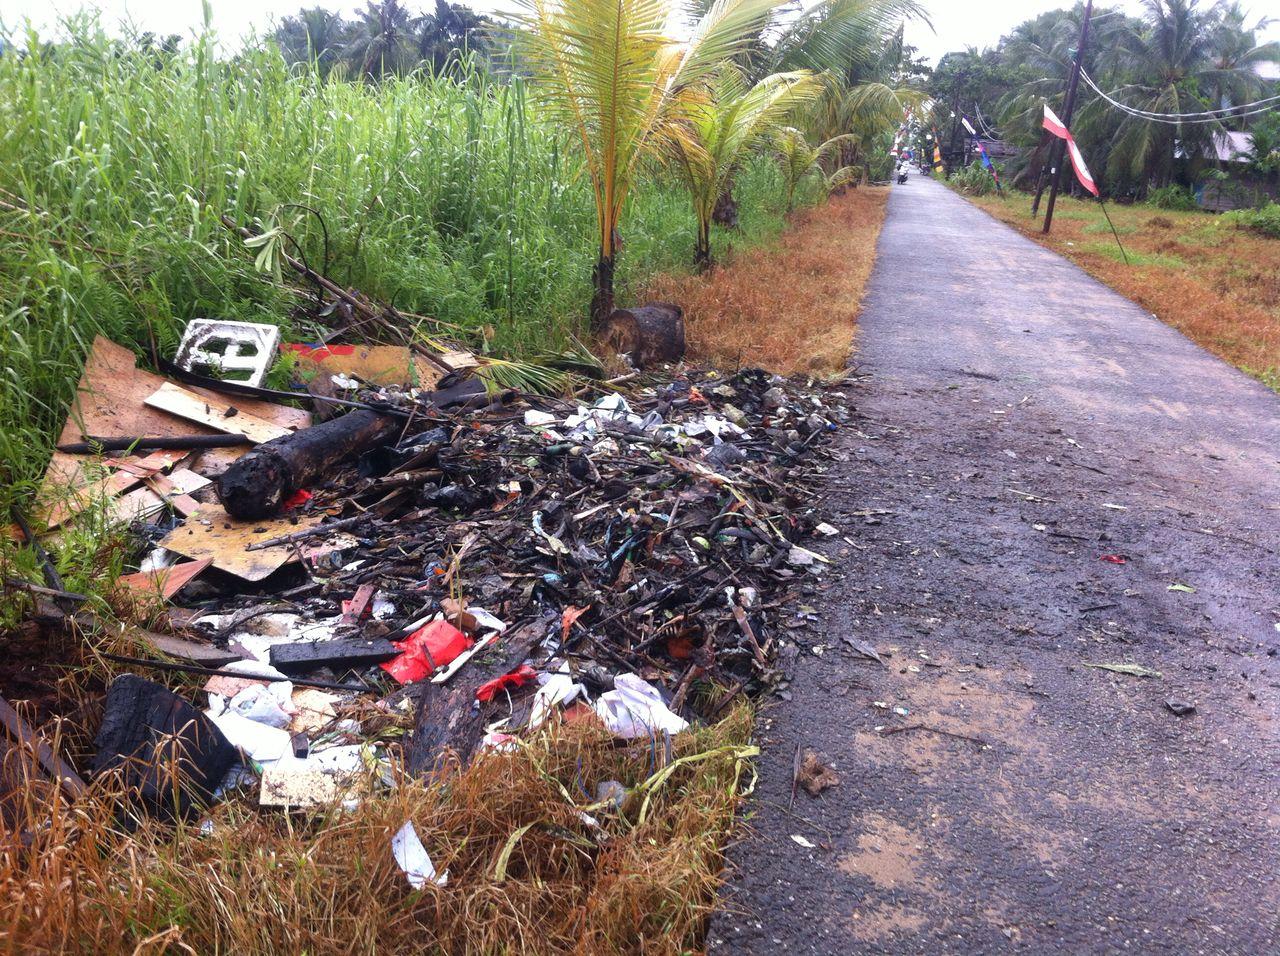 Masyarakat Telaga Musim Kesal Wilayahnya Jadi Tempat Sampah Hasil Goro Persiapan MTQ Inhil di GAS